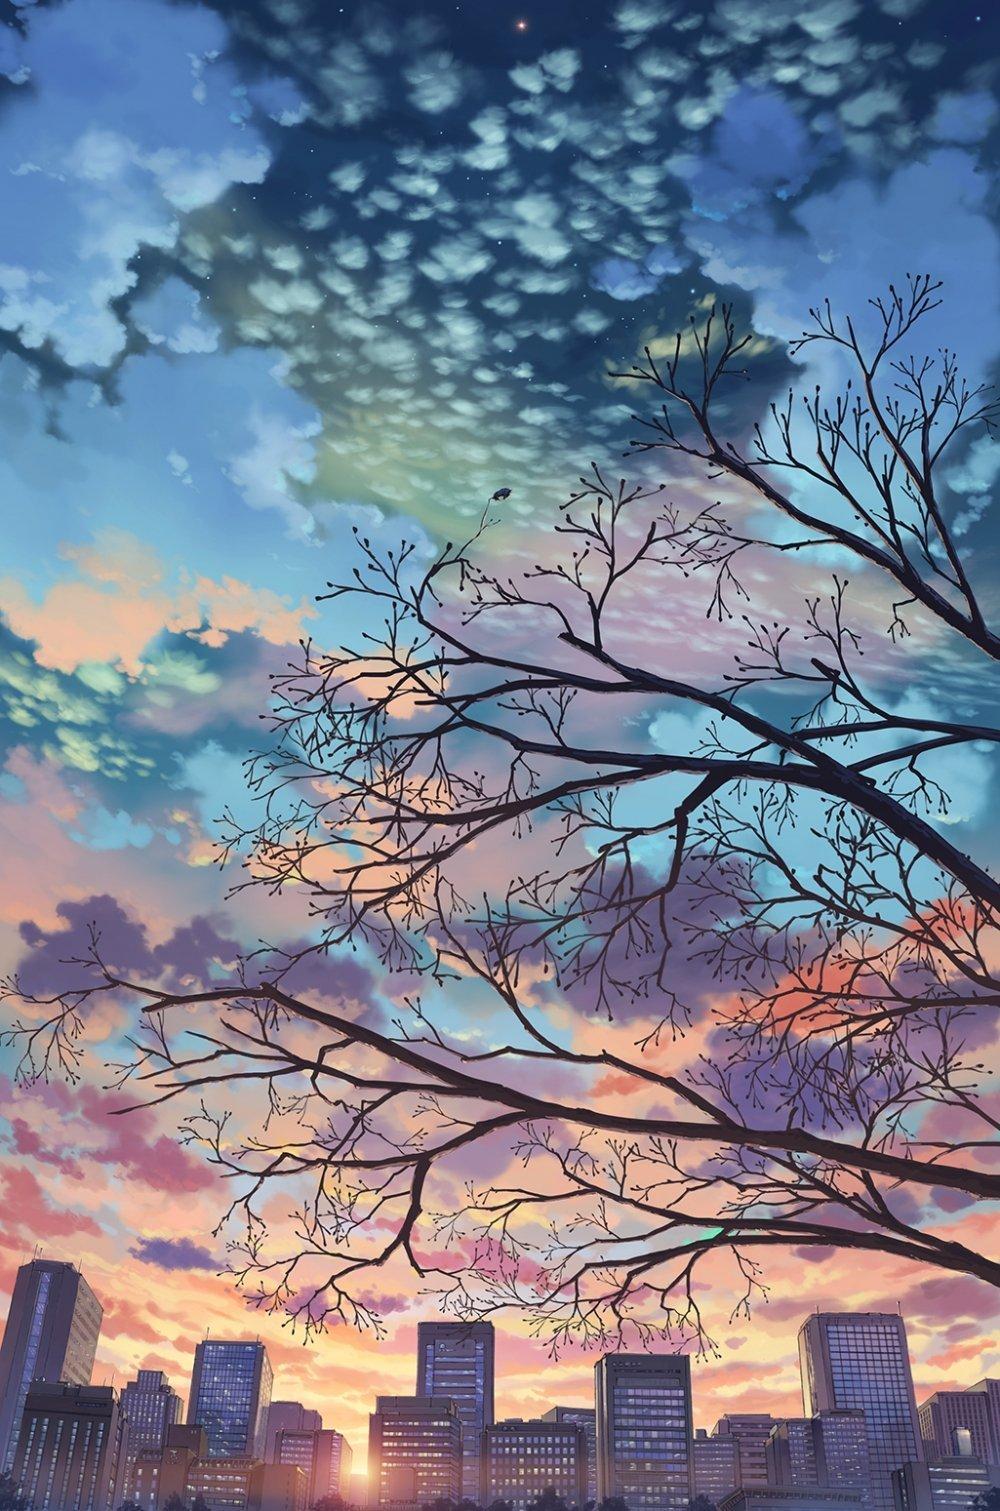 动漫天空图片1025x1549高清动漫图片壁纸1.3MB 动漫图片-第1张